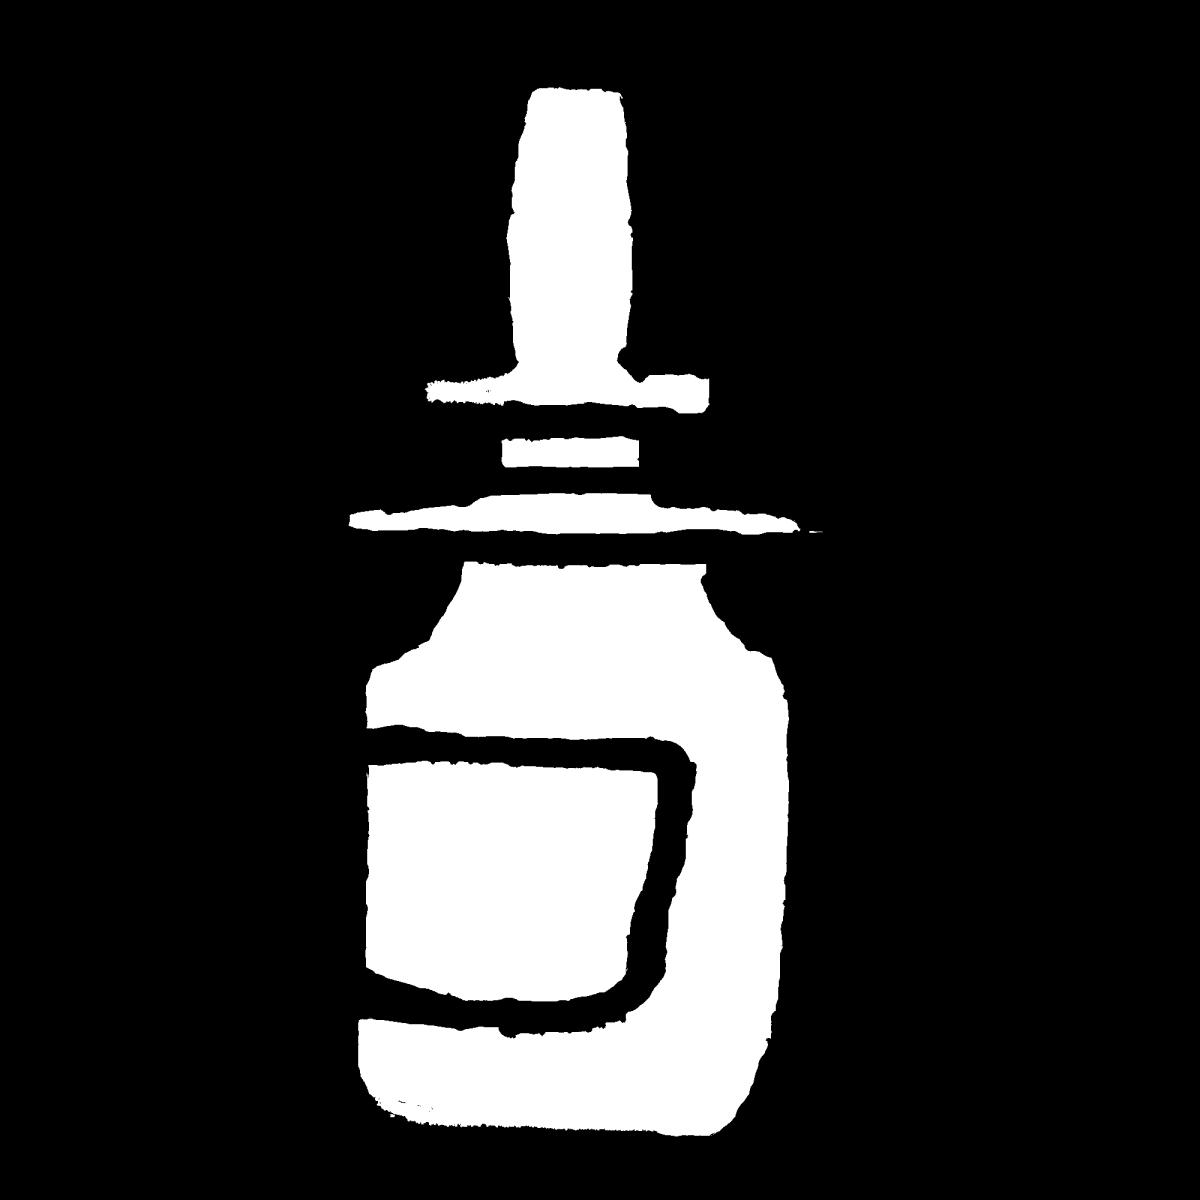 鼻スプレーのイラスト nasal spray  Illustration